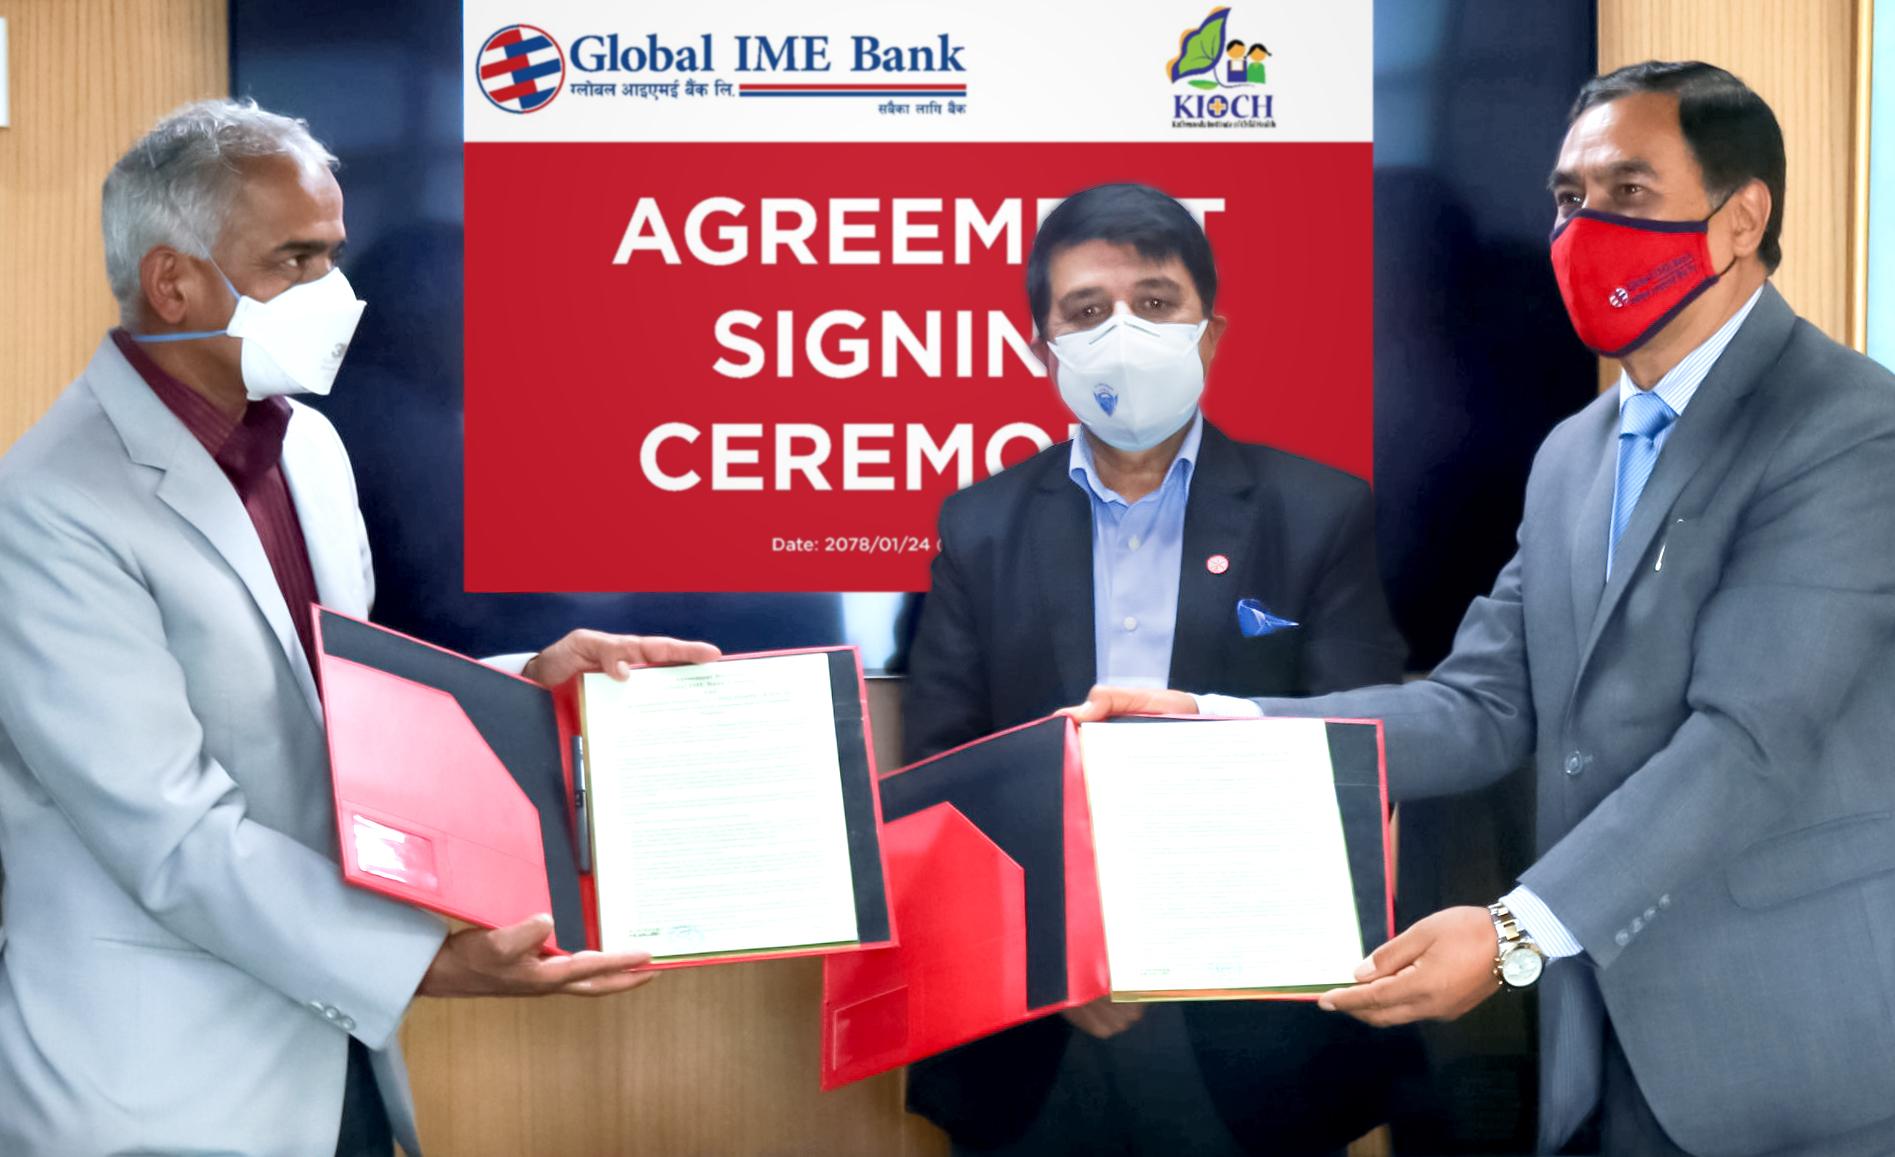 ग्लोबल आइएमई बैंकद्वारा काठमाडौं इन्स्टिच्युट अफ चाइल्ड हेल्थलाई एक करोड रूपैयाँ सहयोग